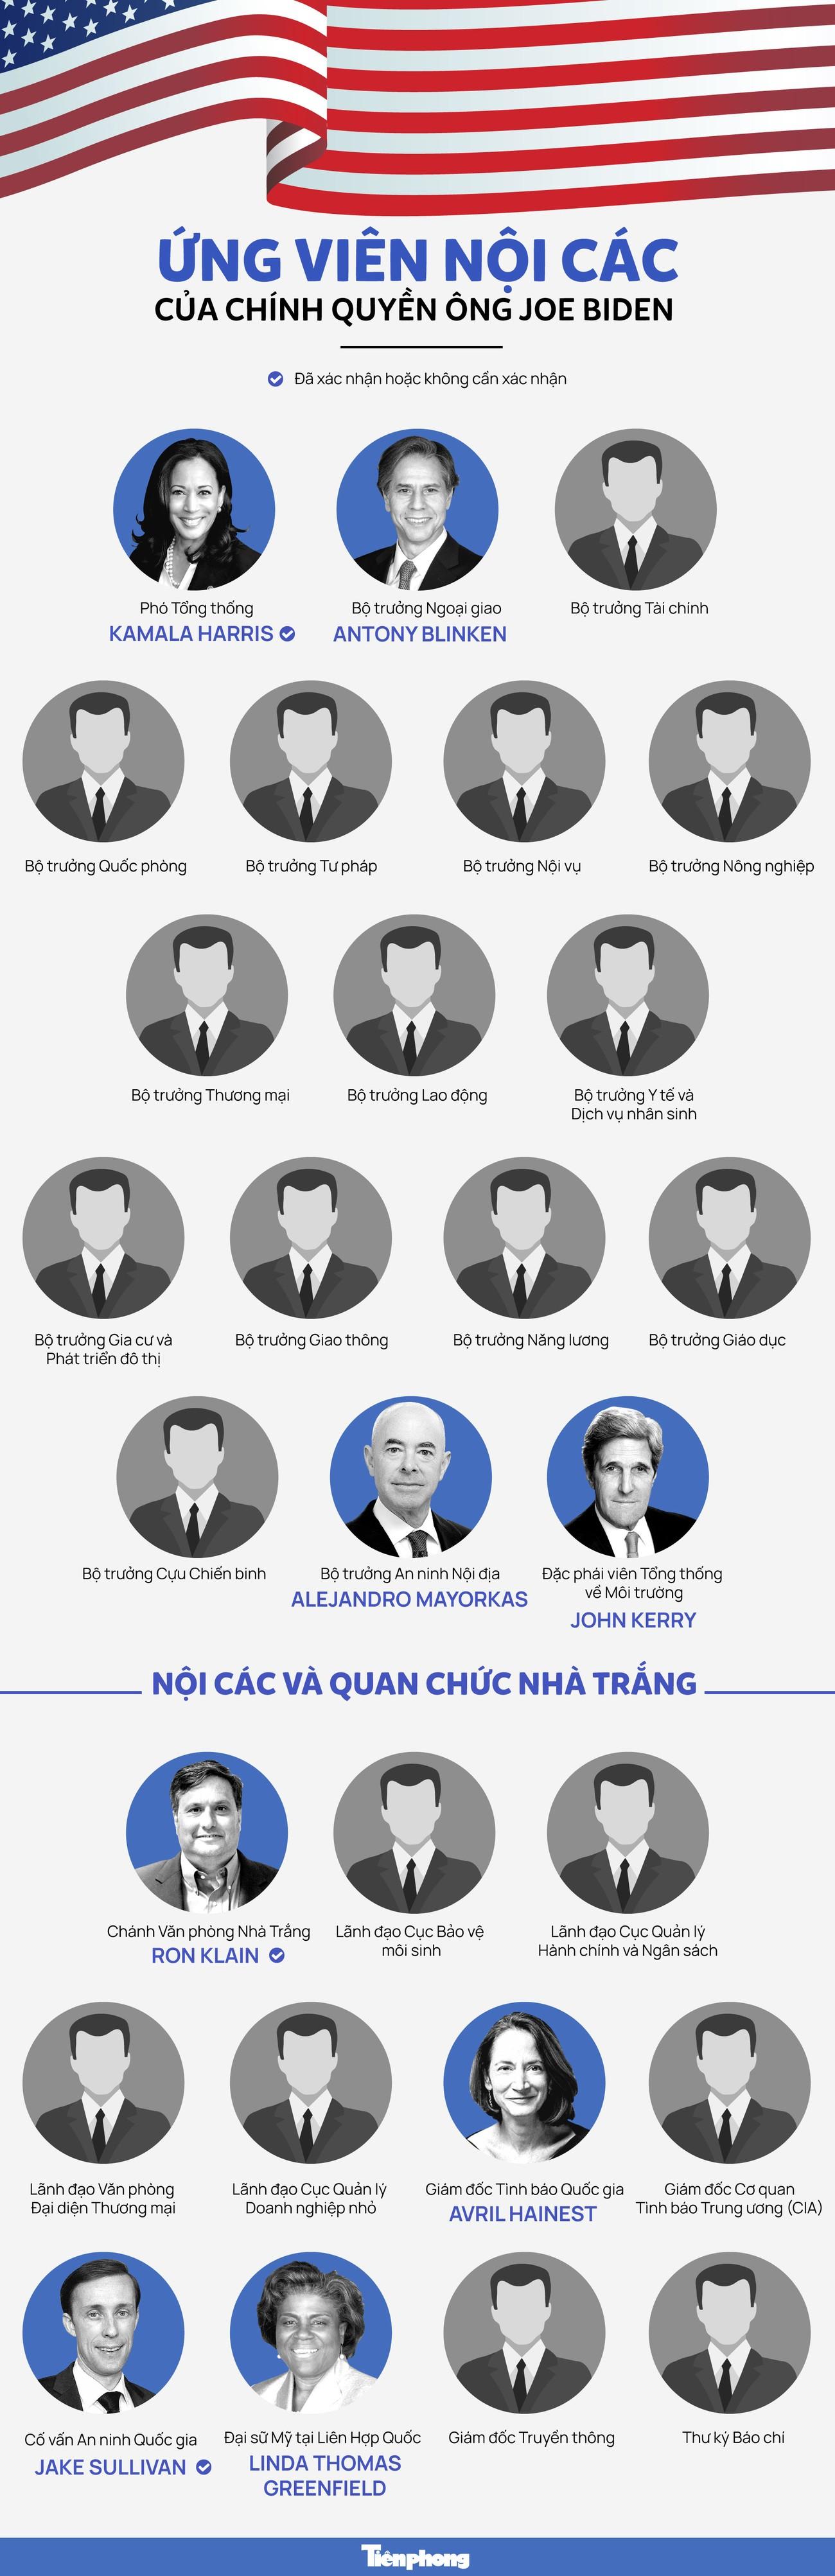 Hé lộ hàng loạt đề cử cho nội các chính quyền Joe Biden ảnh 1